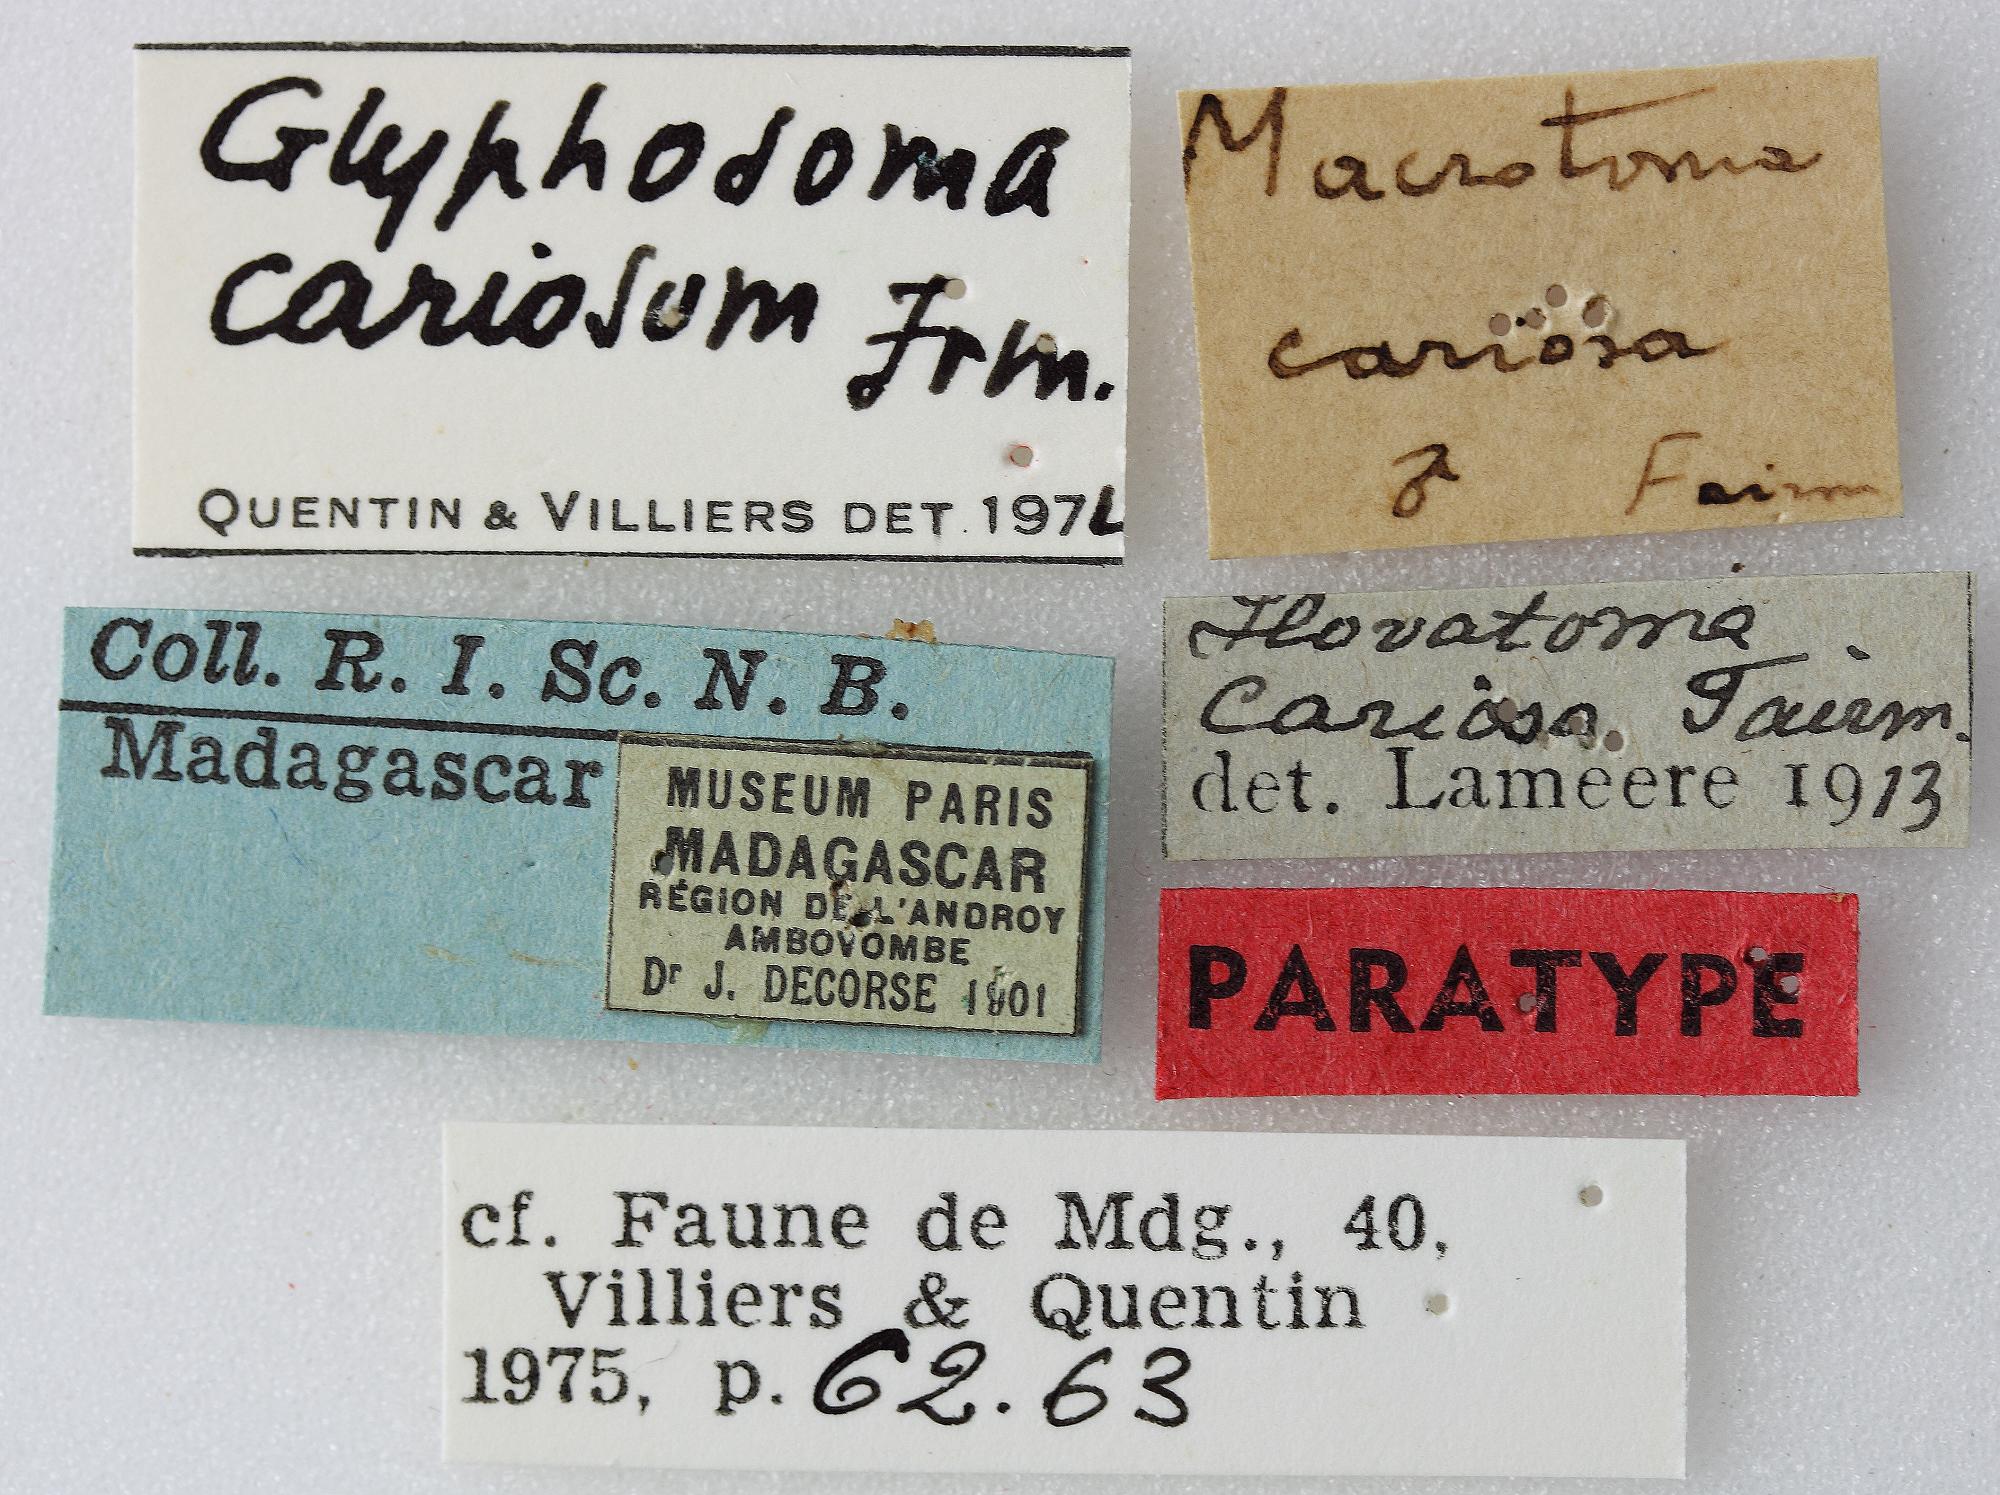 Macrotoma cariosa 05 00 PAR M 050 BRUS 201405.JPG